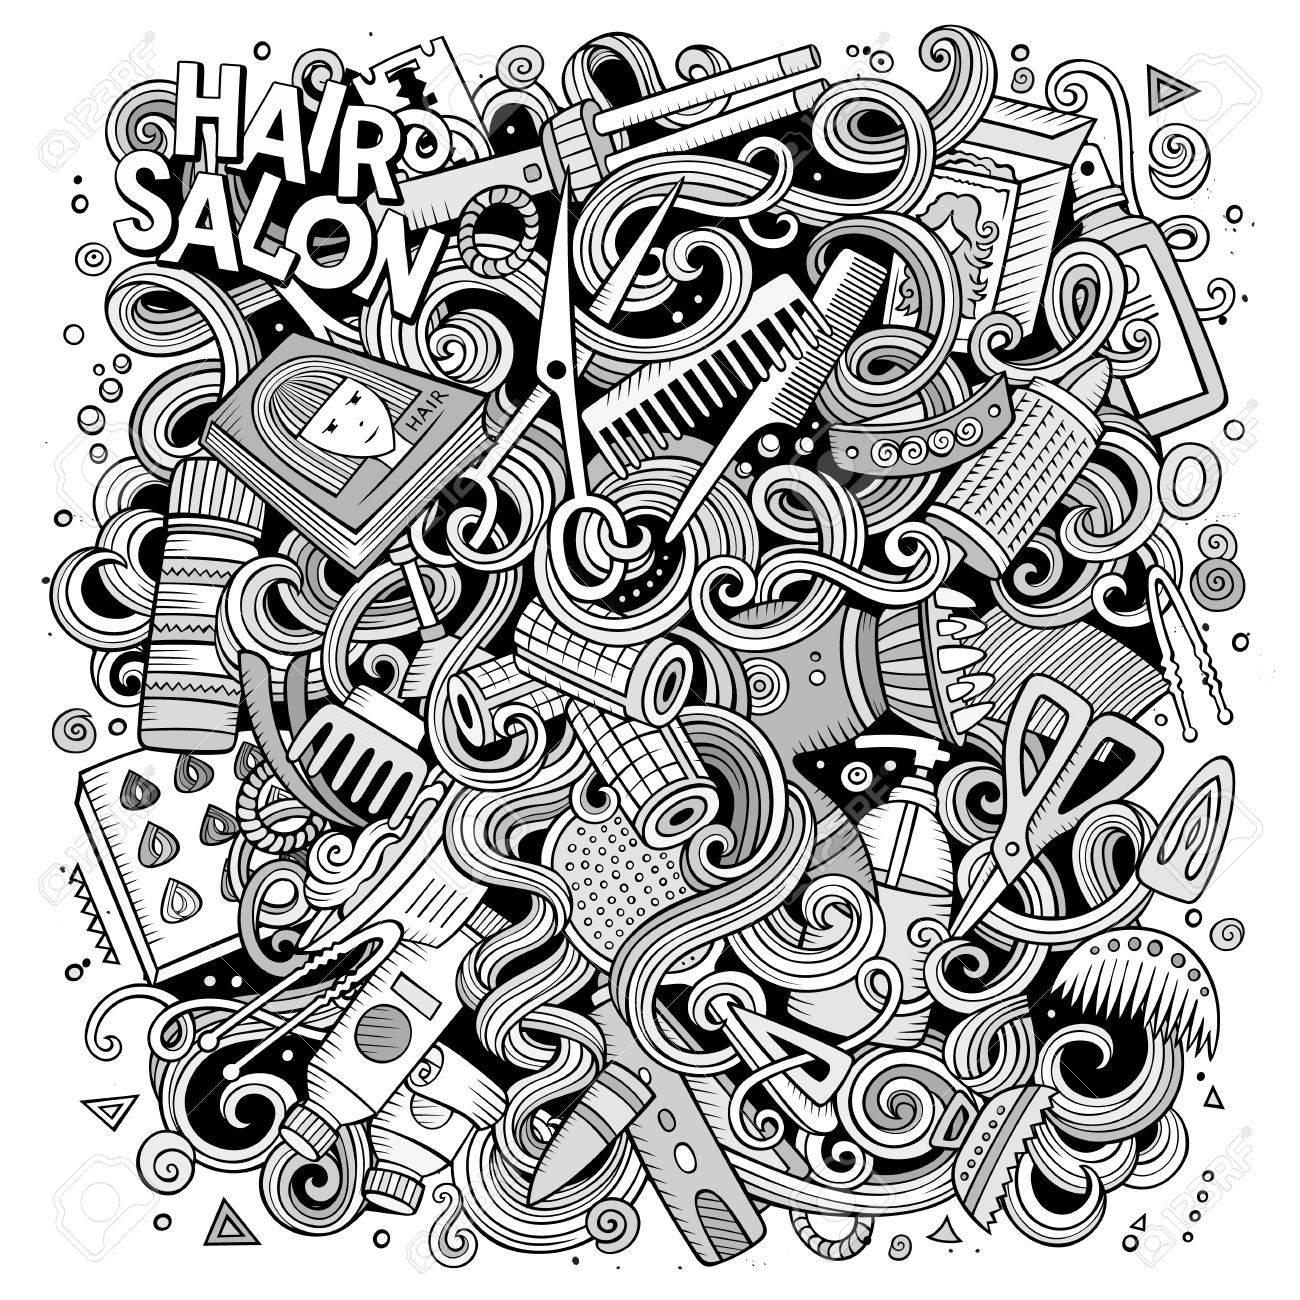 Doodles Mignons De Dessin Anime Illustration De Salon De Coiffure